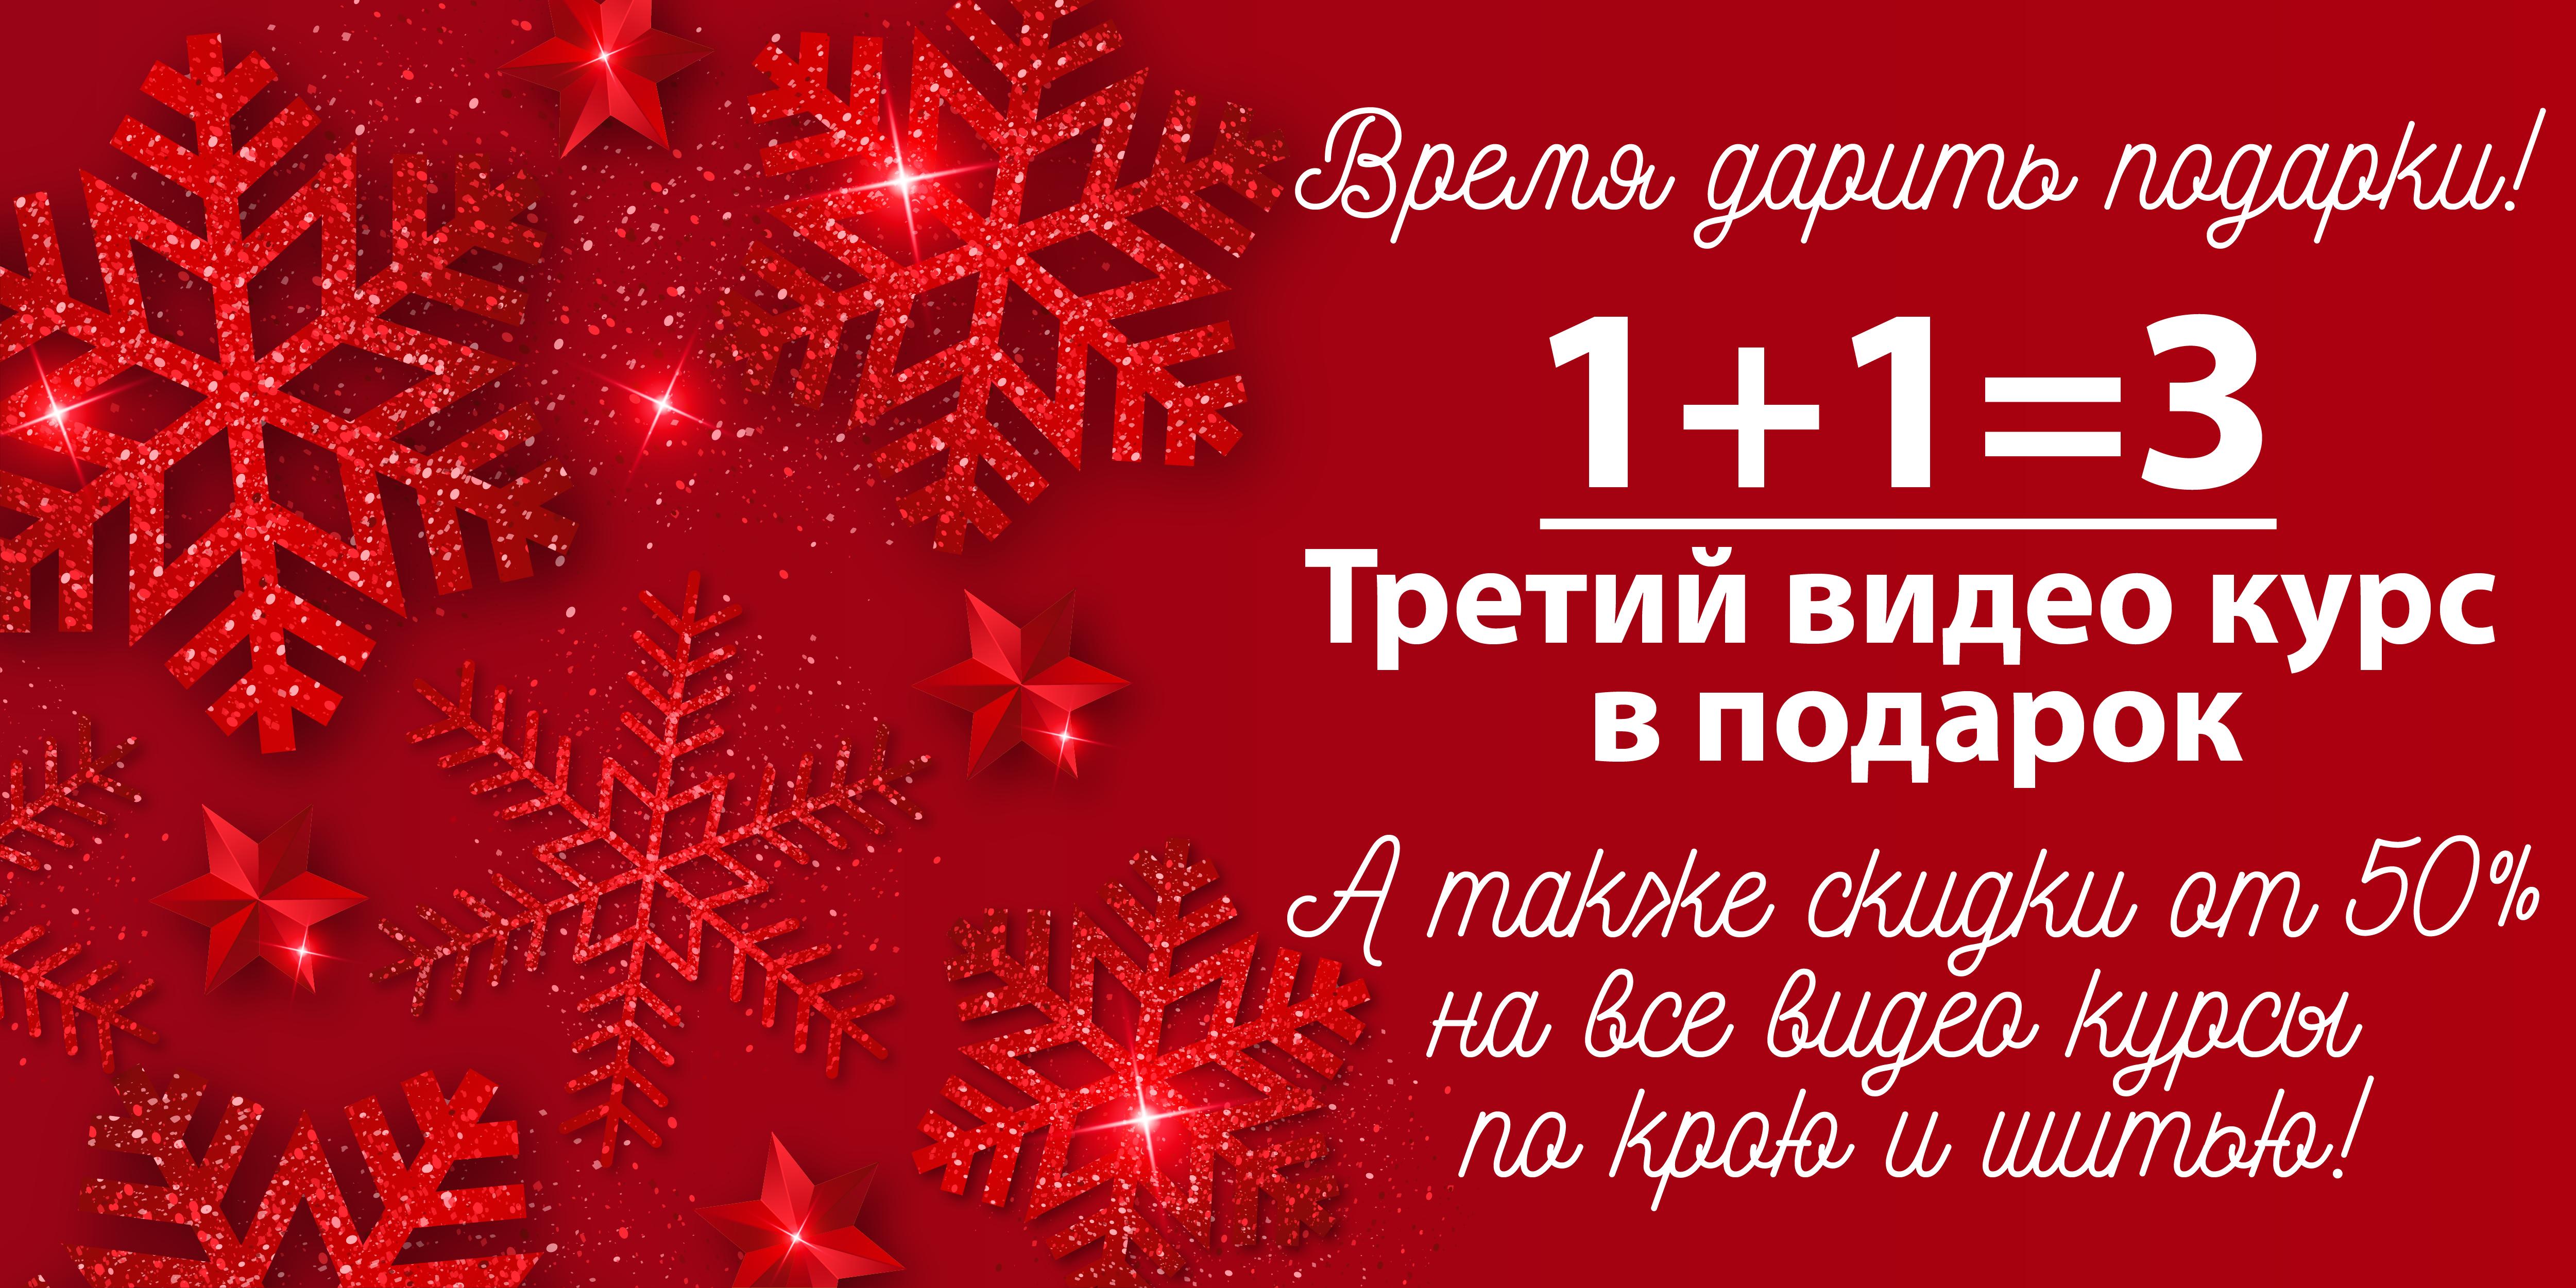 http://s3.uploads.ru/vJI6P.png